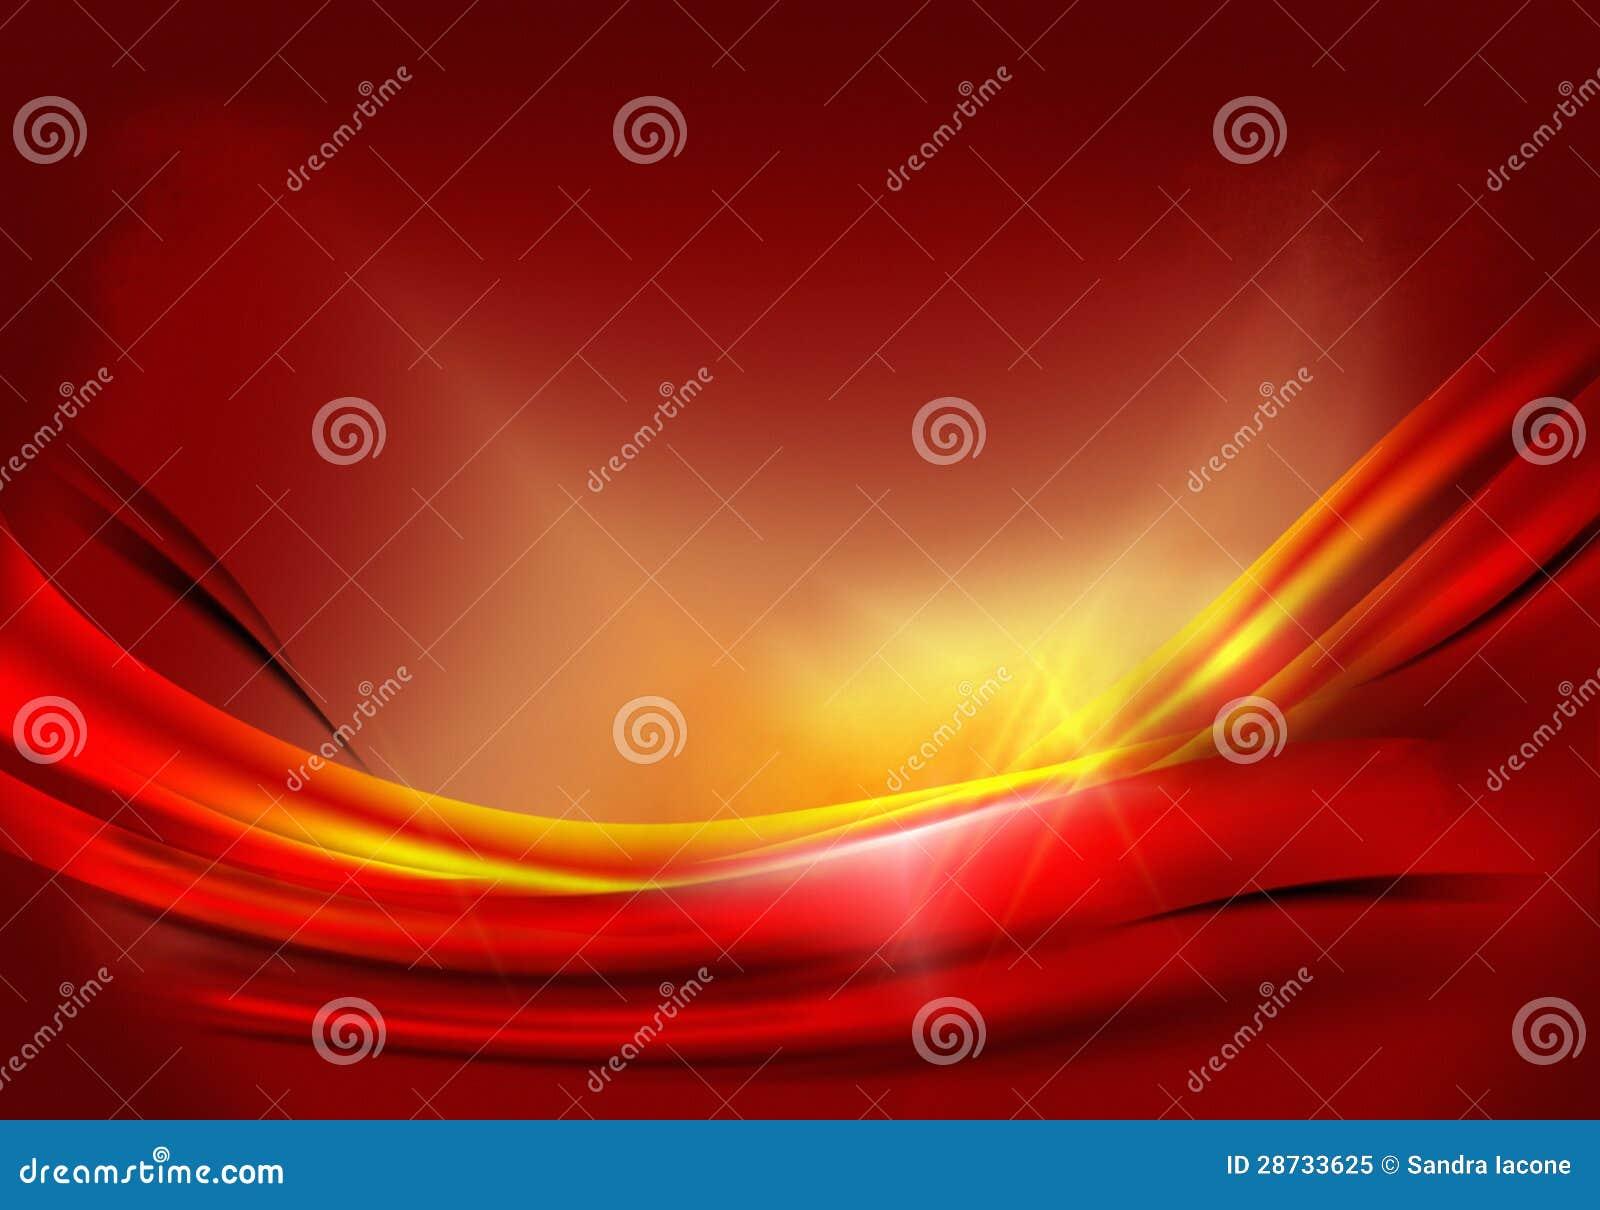 fond orange rouge photo libre de droits image 28733625. Black Bedroom Furniture Sets. Home Design Ideas